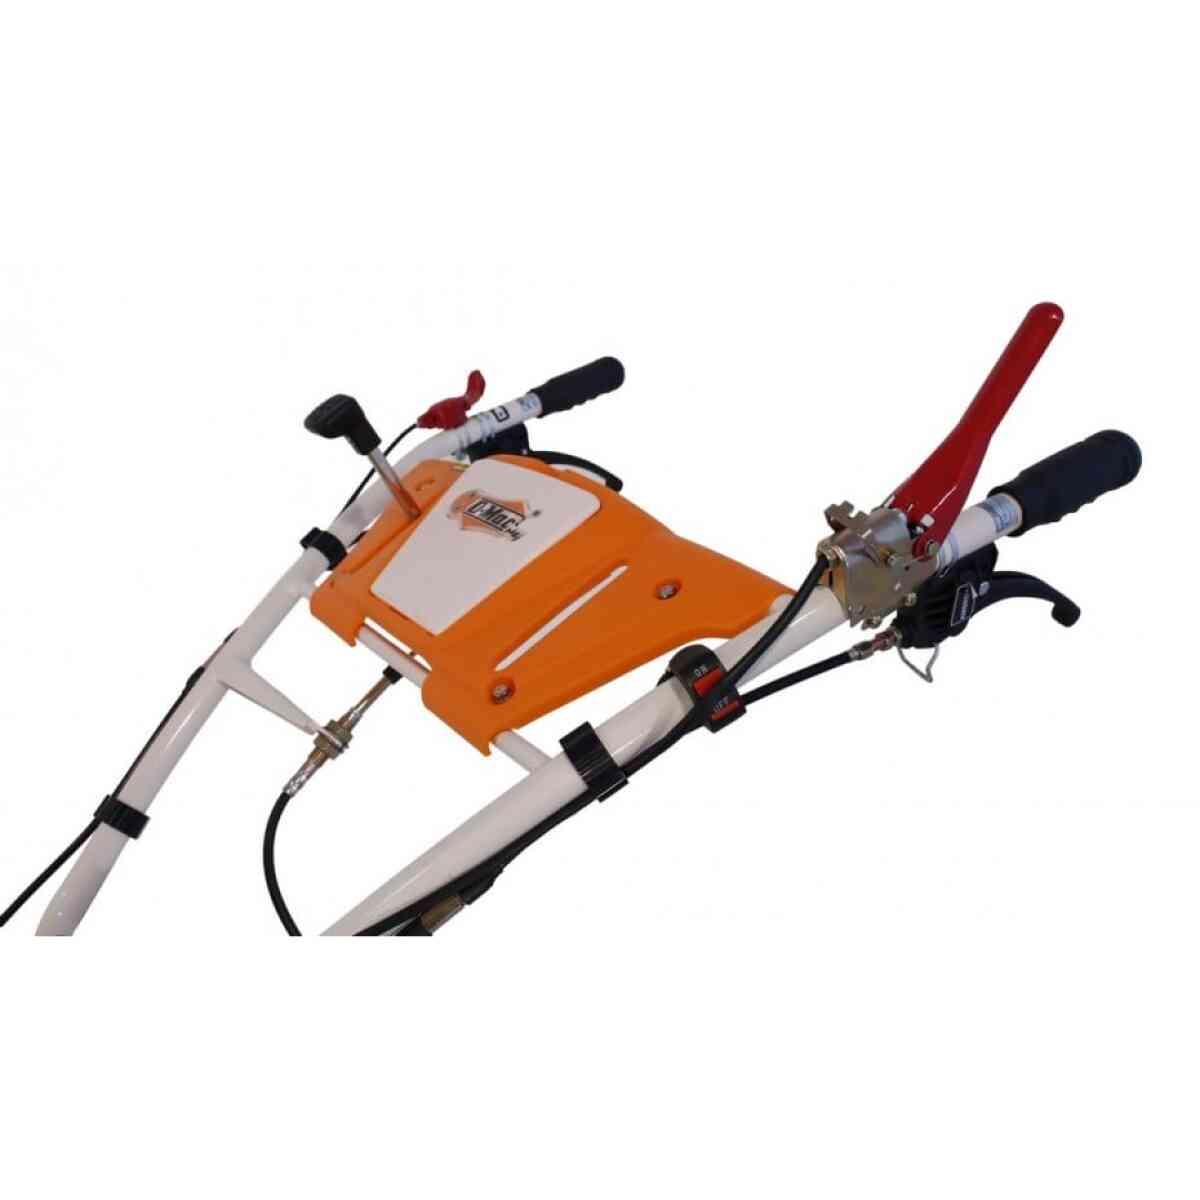 motocultor o mac new 1000 s 8cp cu roti o mac.ro 6 2 10